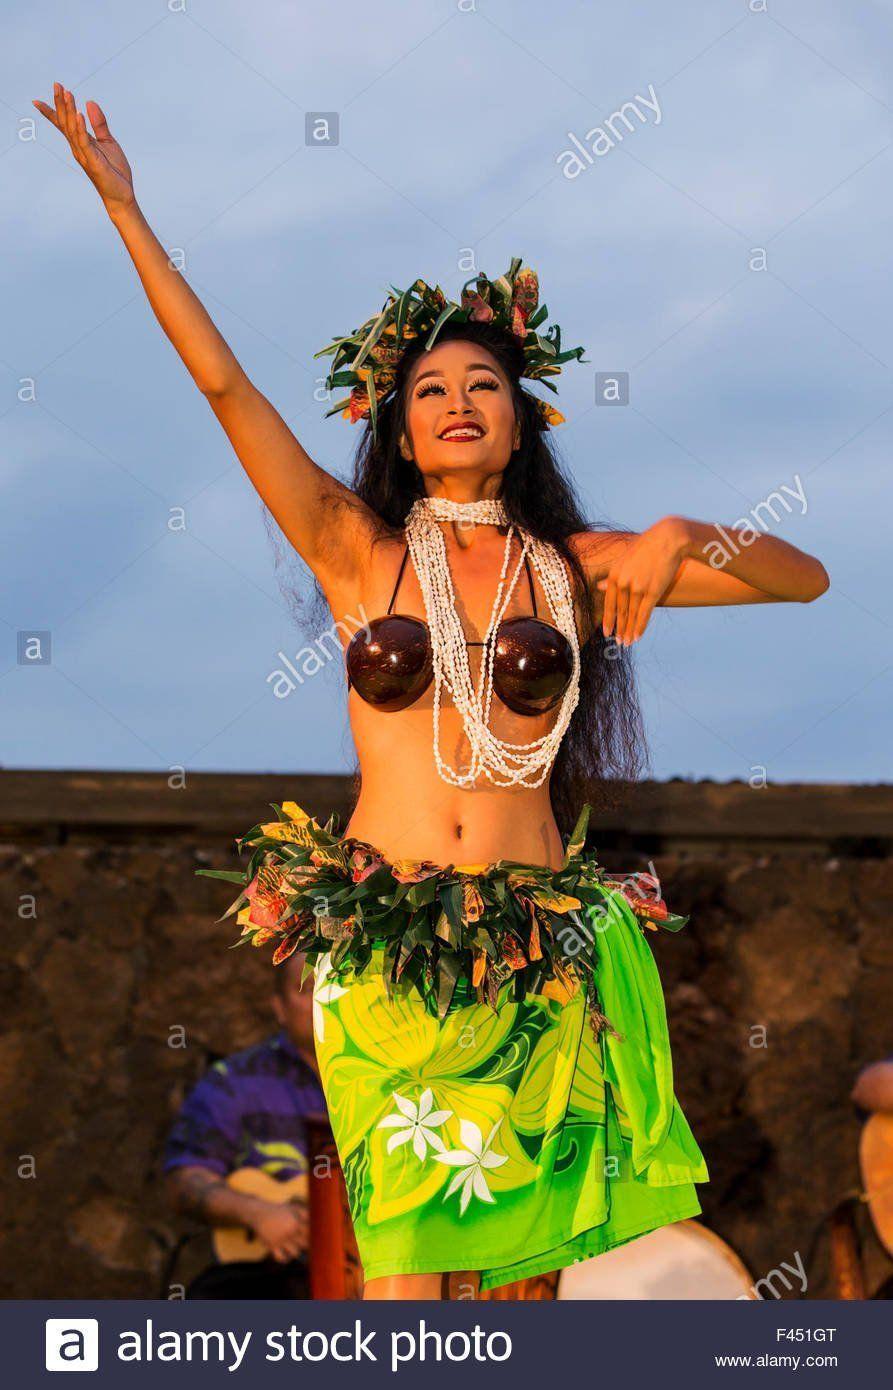 best of In Beautiful luau woman